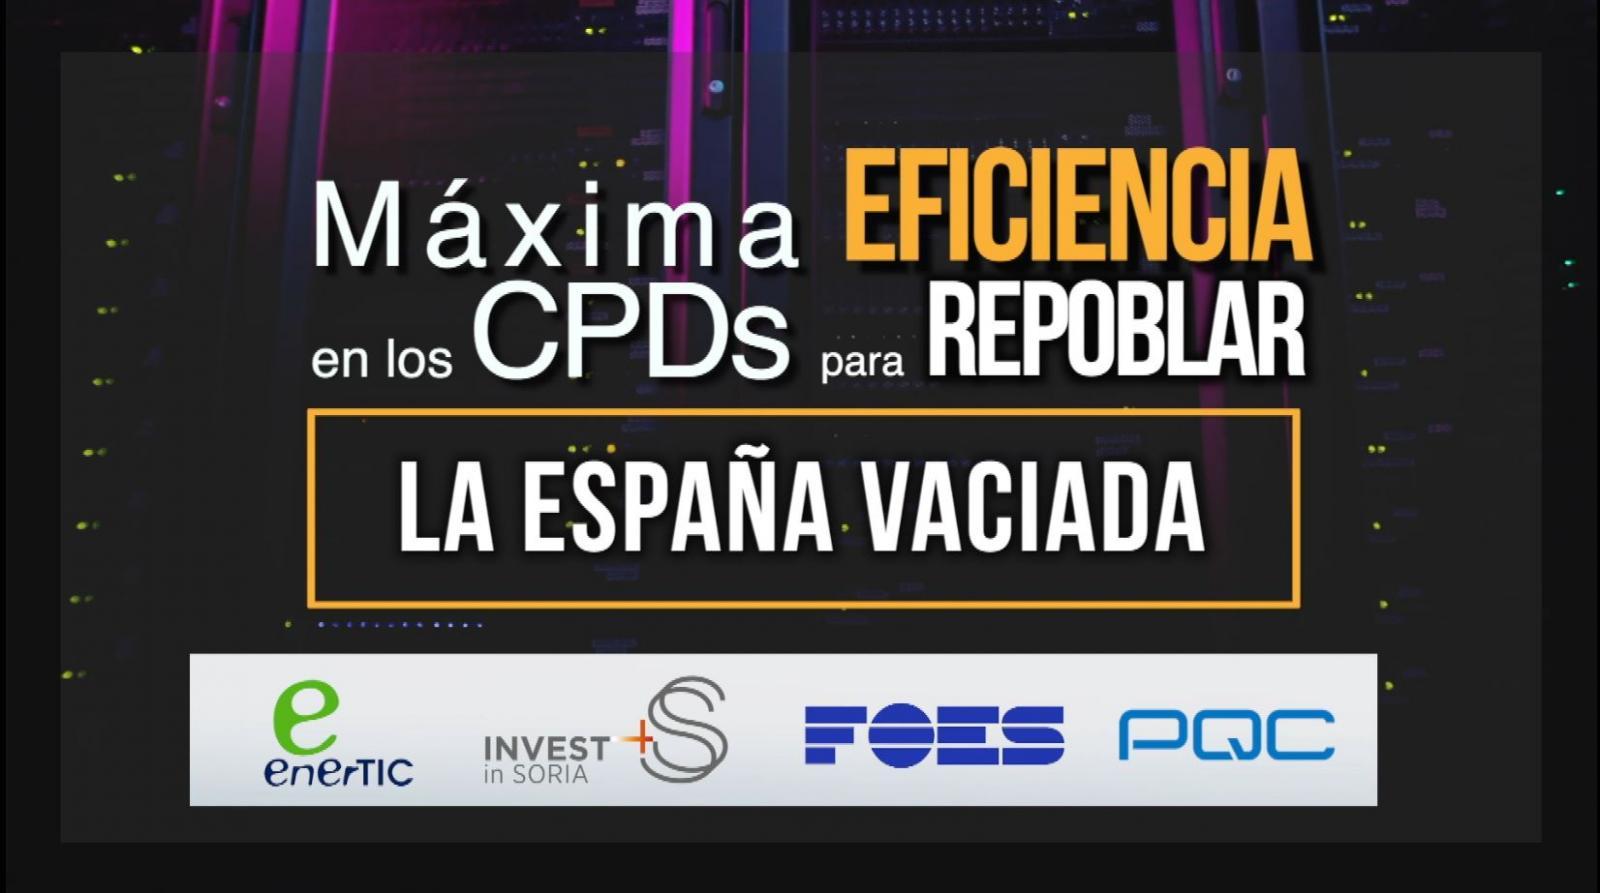 Máxima eficiencia en los CPDs para repoblar la España Vaciada